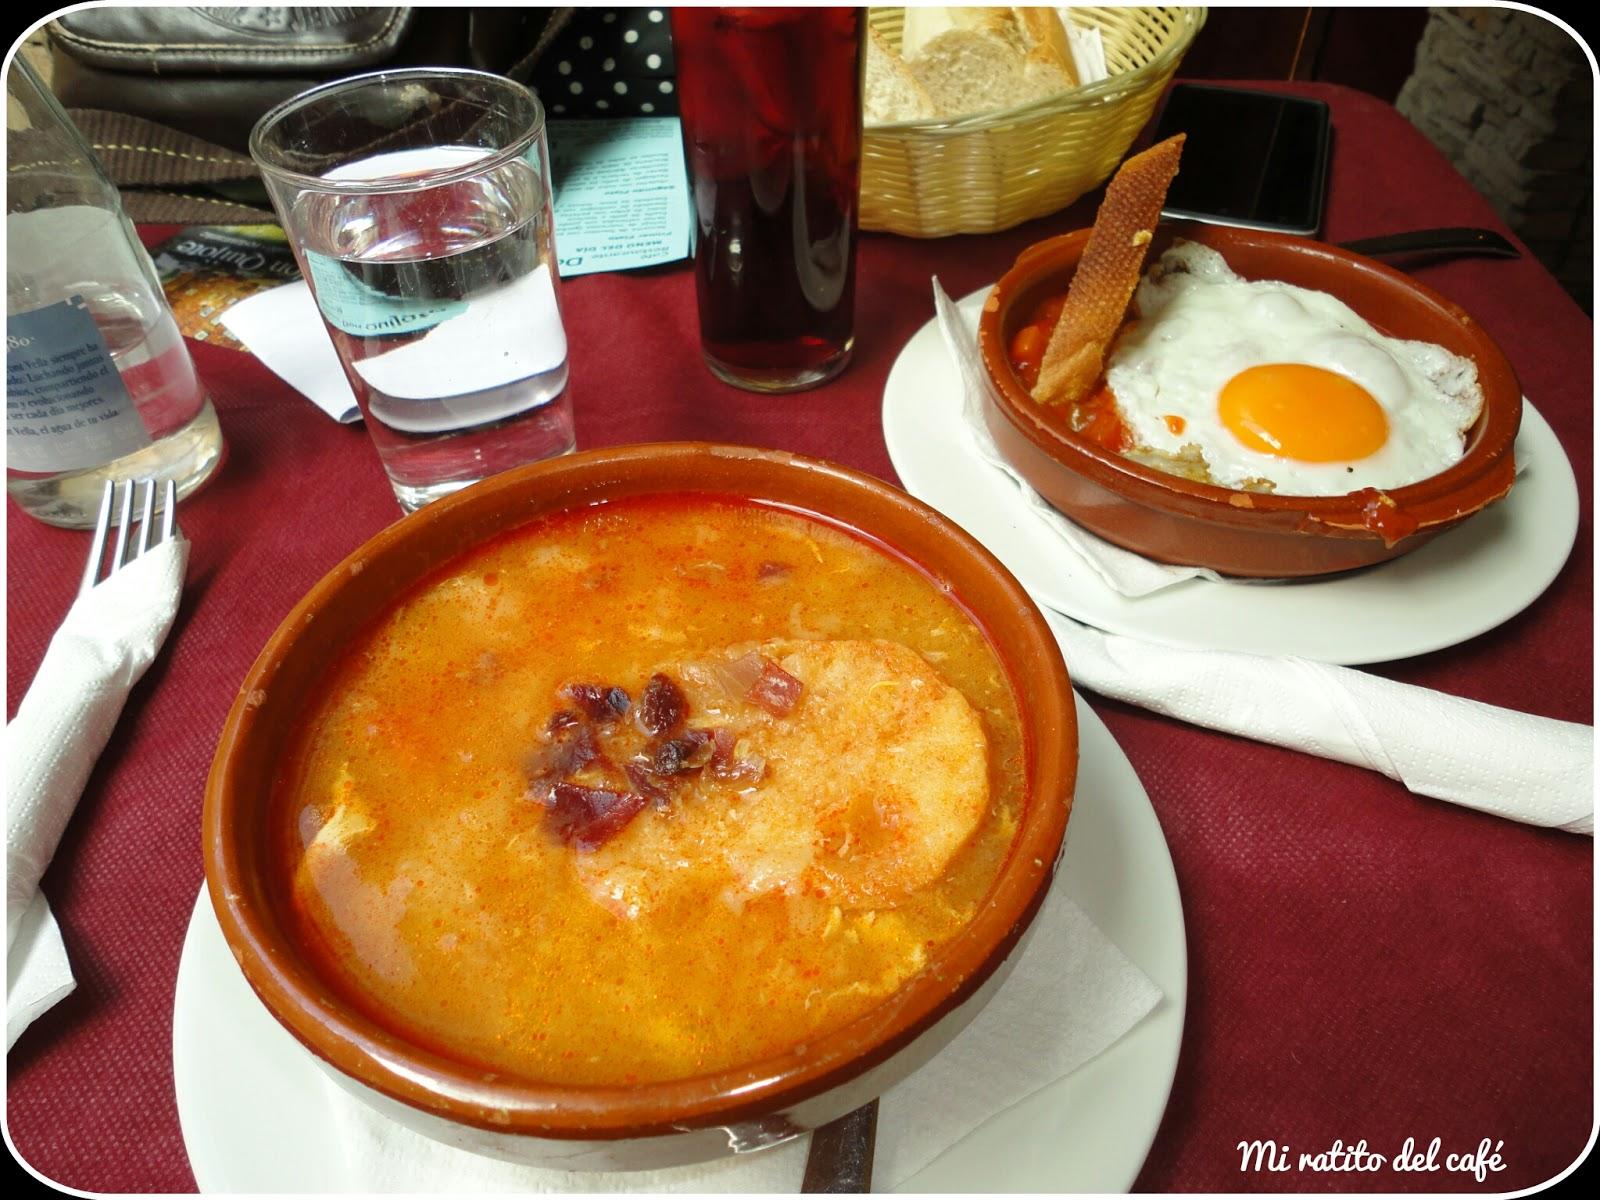 Mi ratito del caf escapada a salamanca ii restaurantes - Sopa castellana casera ...